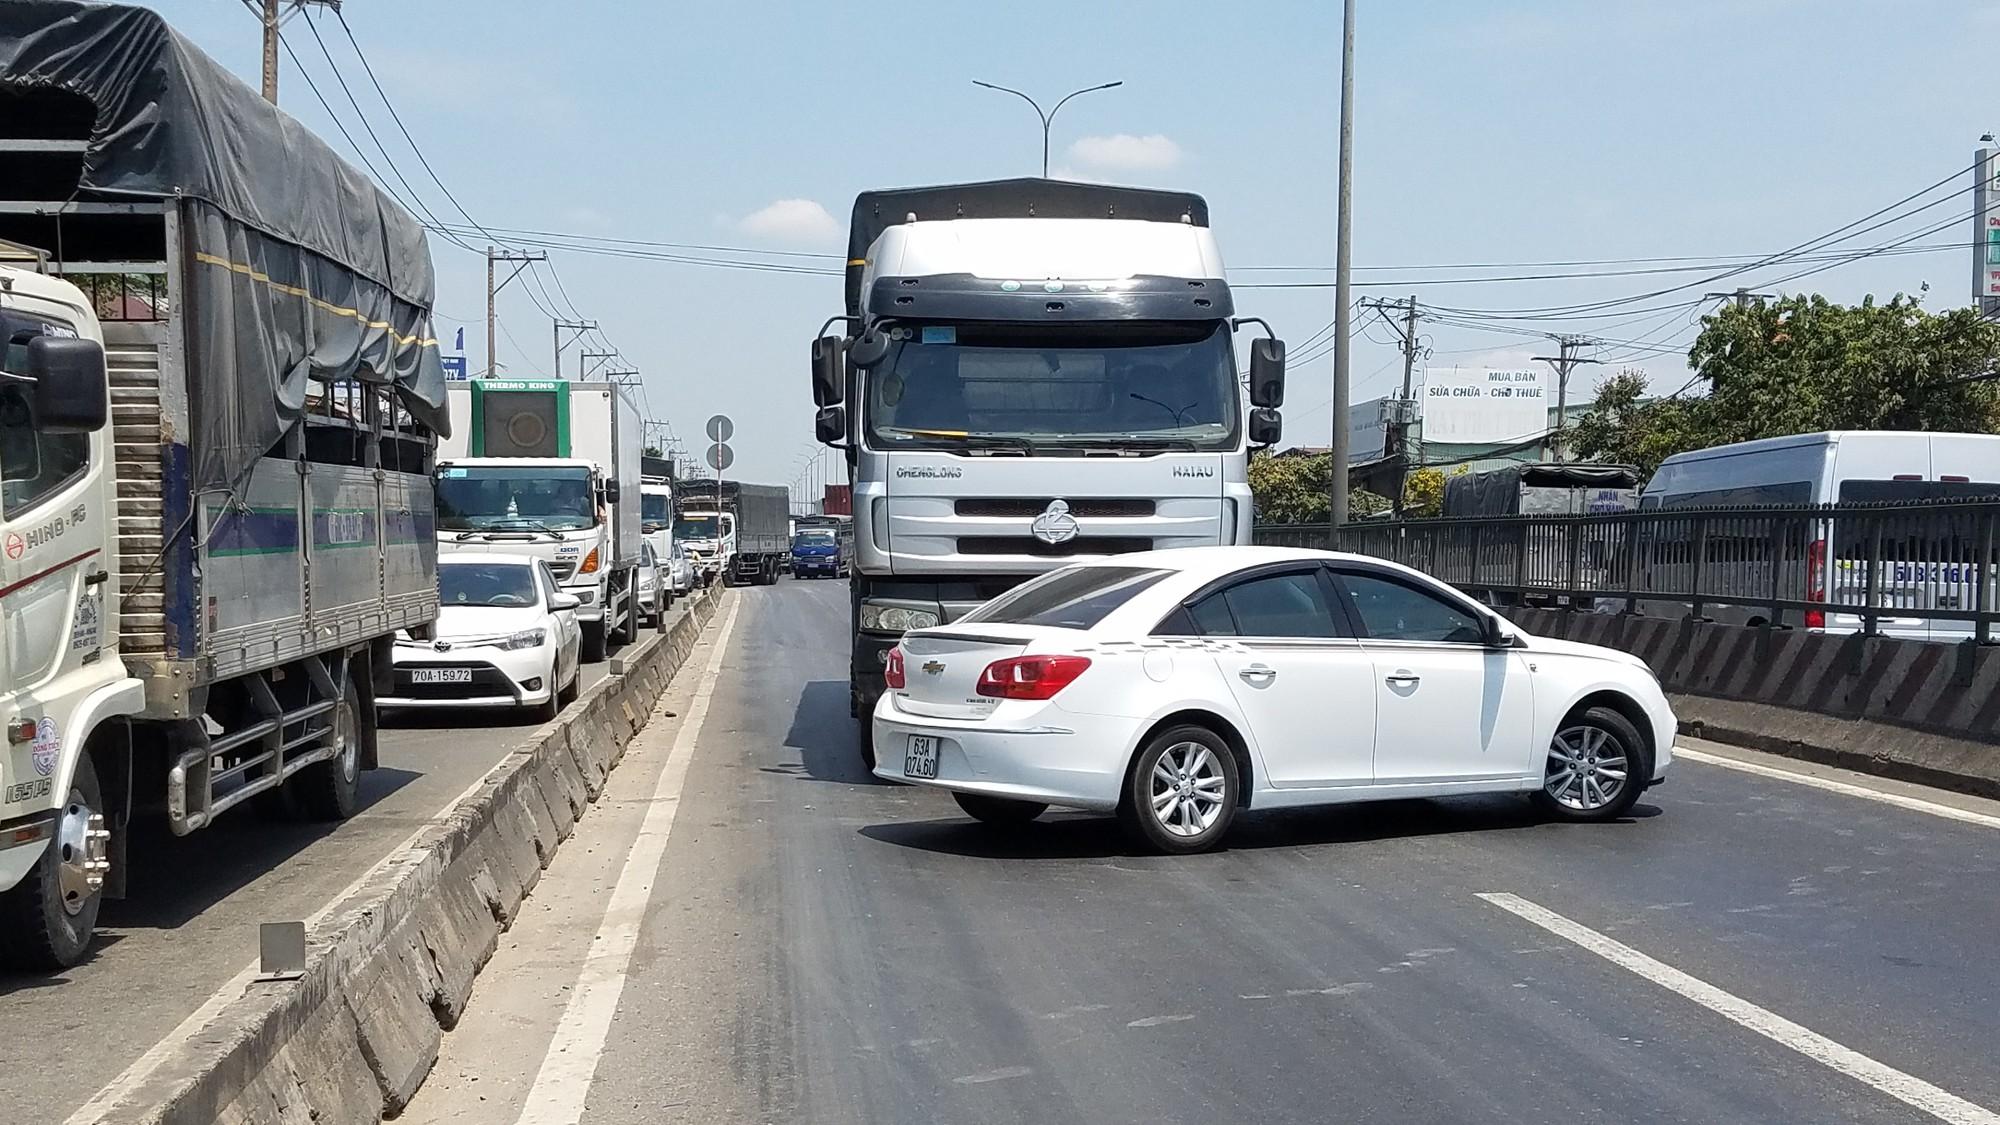 Nam tài xế kêu cứu thất thanh trong xế hộp xoay ngang bị xe tải đẩy hơn 20m trên quốc lộ 1-1